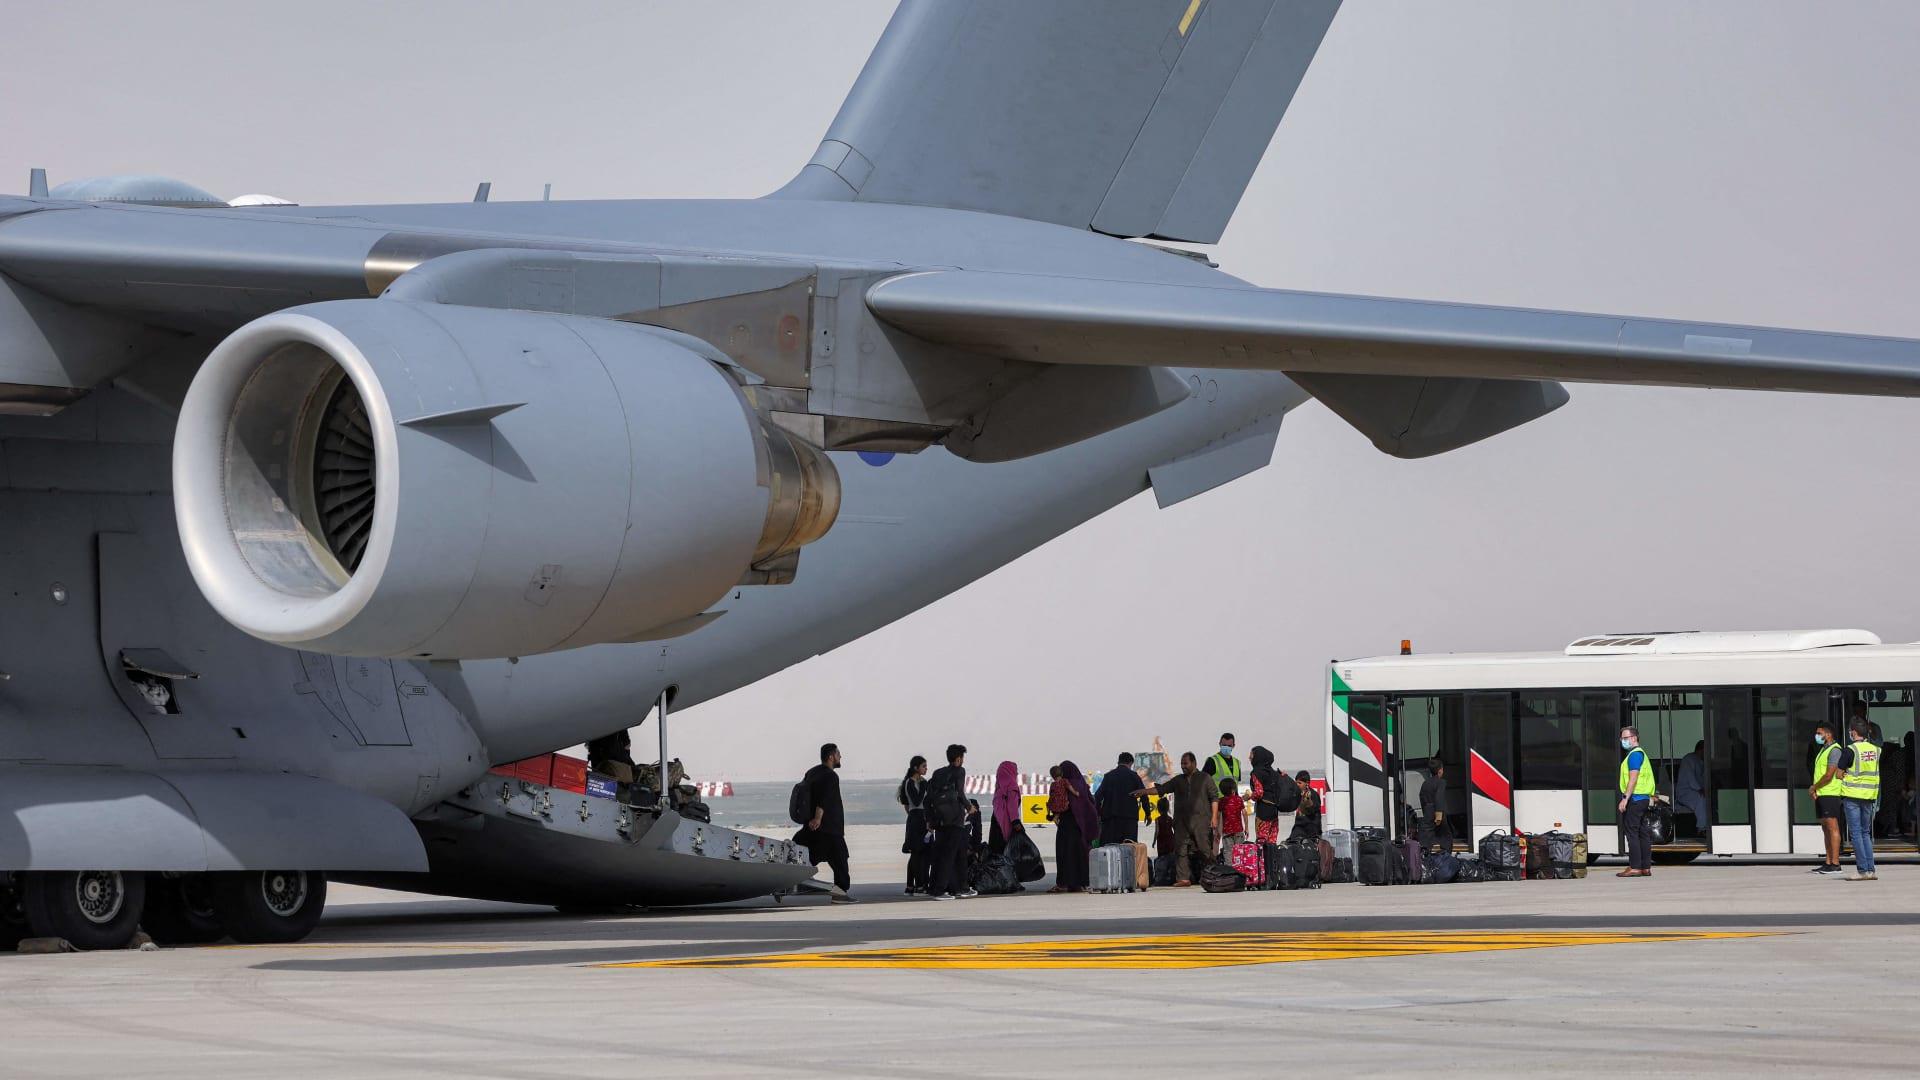 نزول أشخاص من طائرة نقل عسكرية تابعة للقوات الجوية الملكية من طراز بوينج C-17A Globemaster III تحمل أشخاص تم إجلاؤهم من أفغانستان وتصل إلى مطار آل مكتوم الدولي في الإمارات العربية المتحدة في 19 أغسطس 2021.